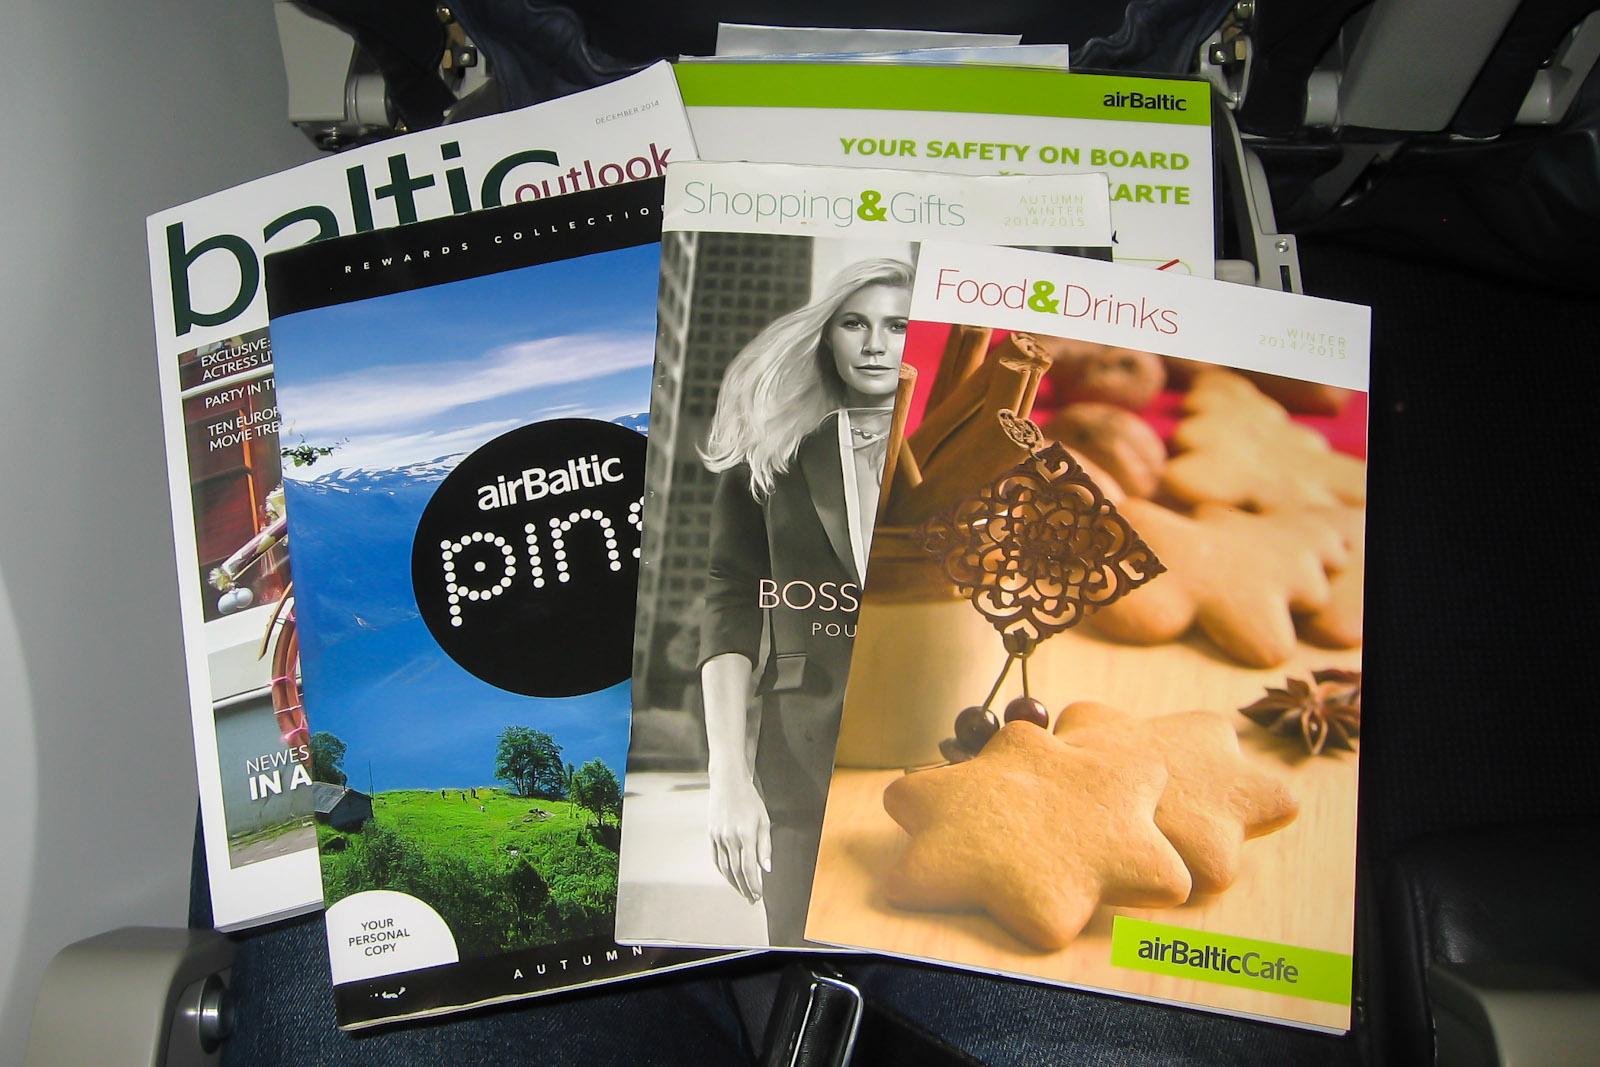 Журналы для пассажиров авиакомпании ЭрБалтик